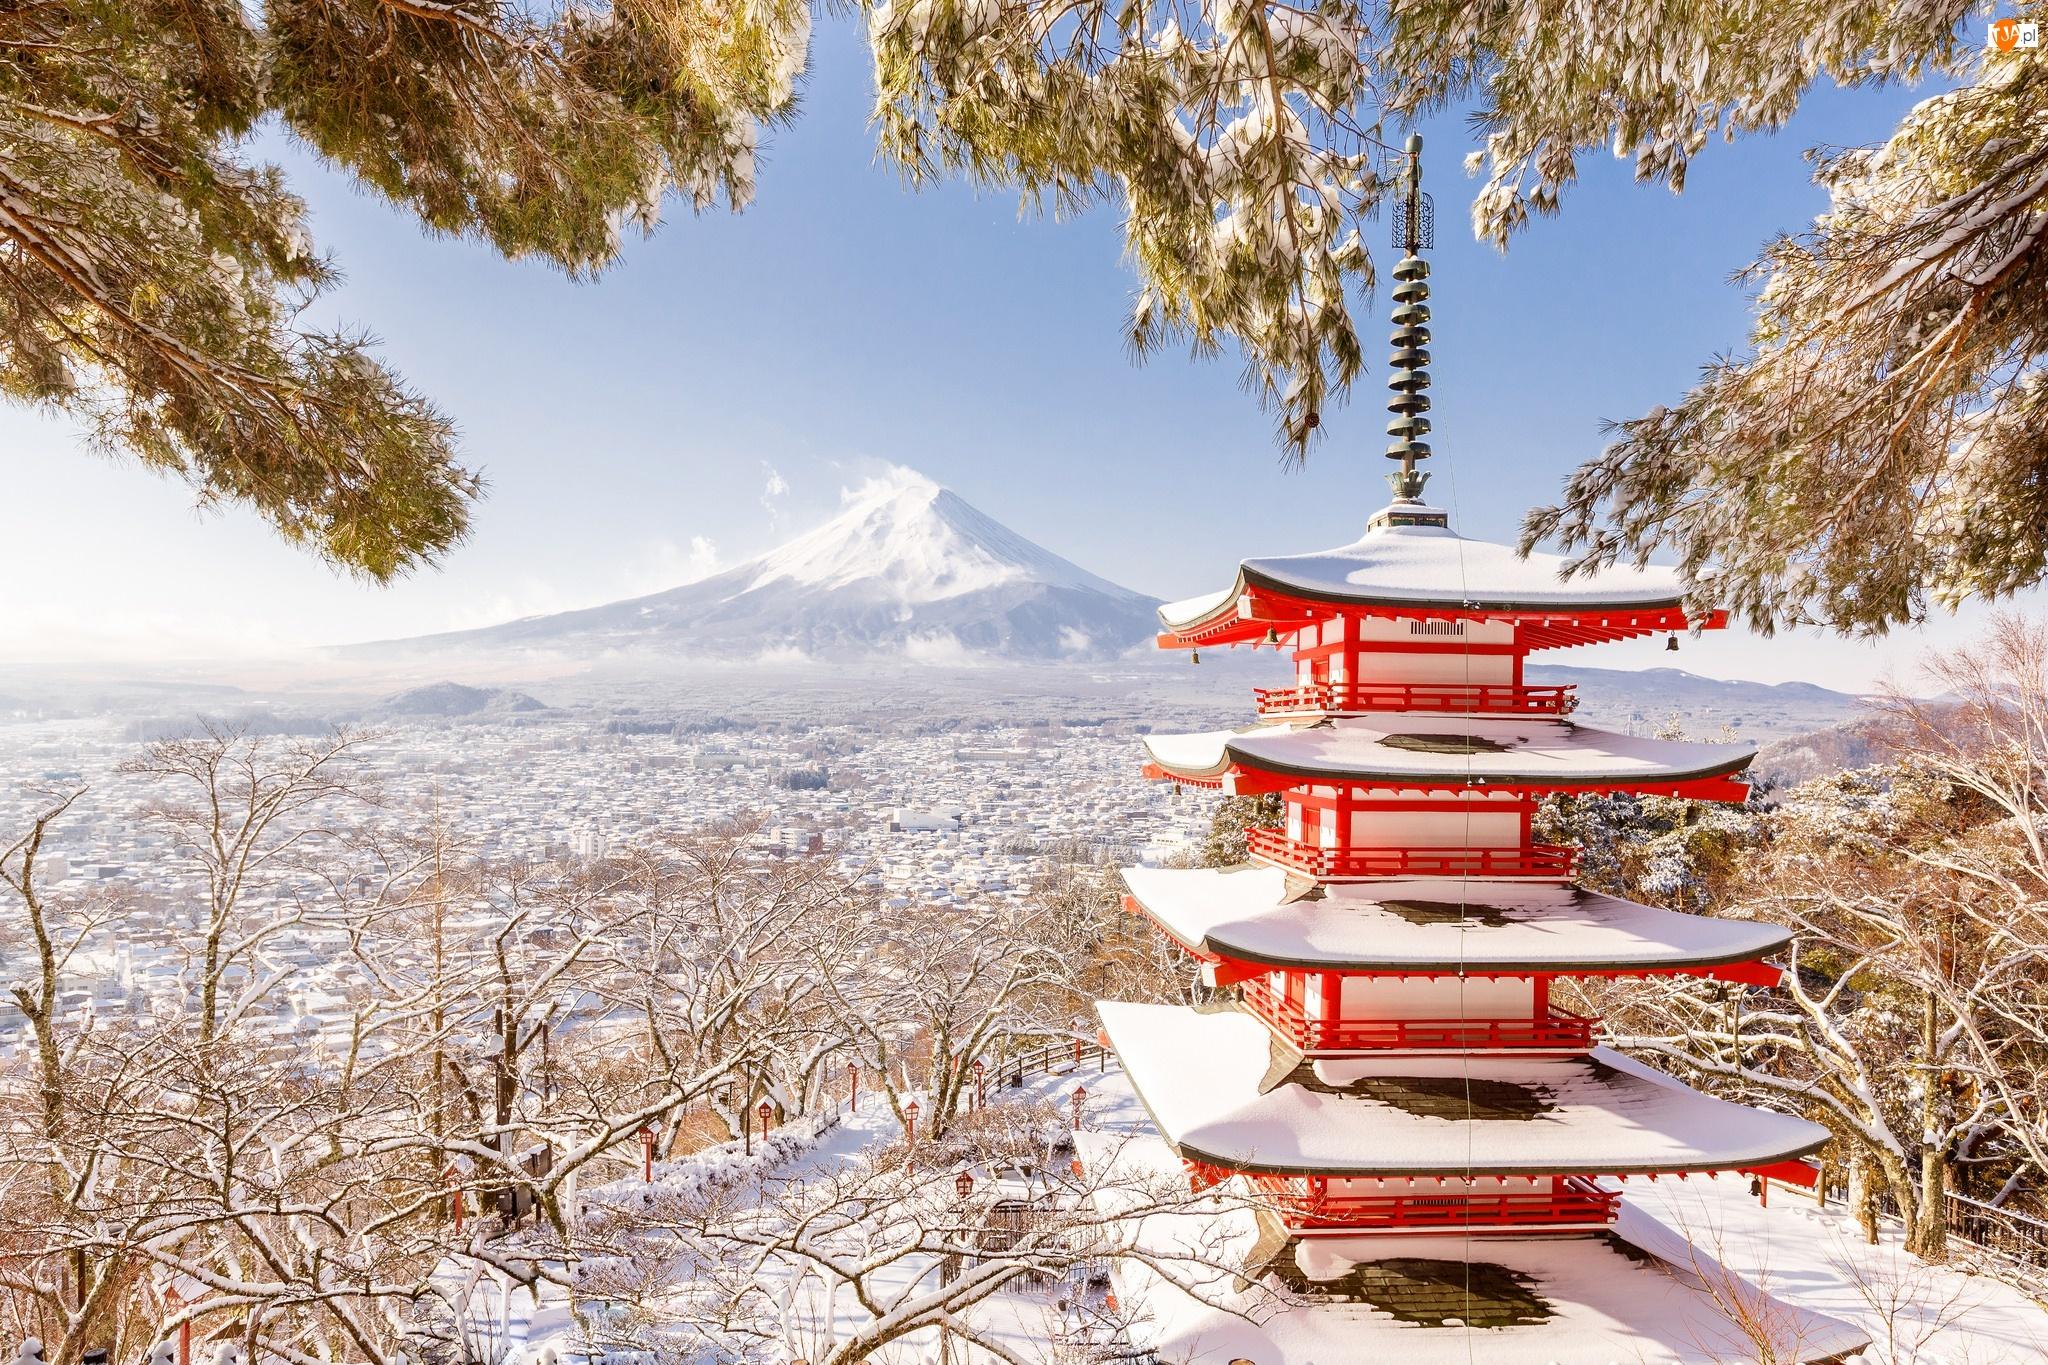 Zima, Wyspa Honsiu, Śnieg, Góra Fudżi, Drzewa, Prefektura Yamanashi, Miasto Fujiyoshida, Japonia, Świątynia Chureito Pagoda